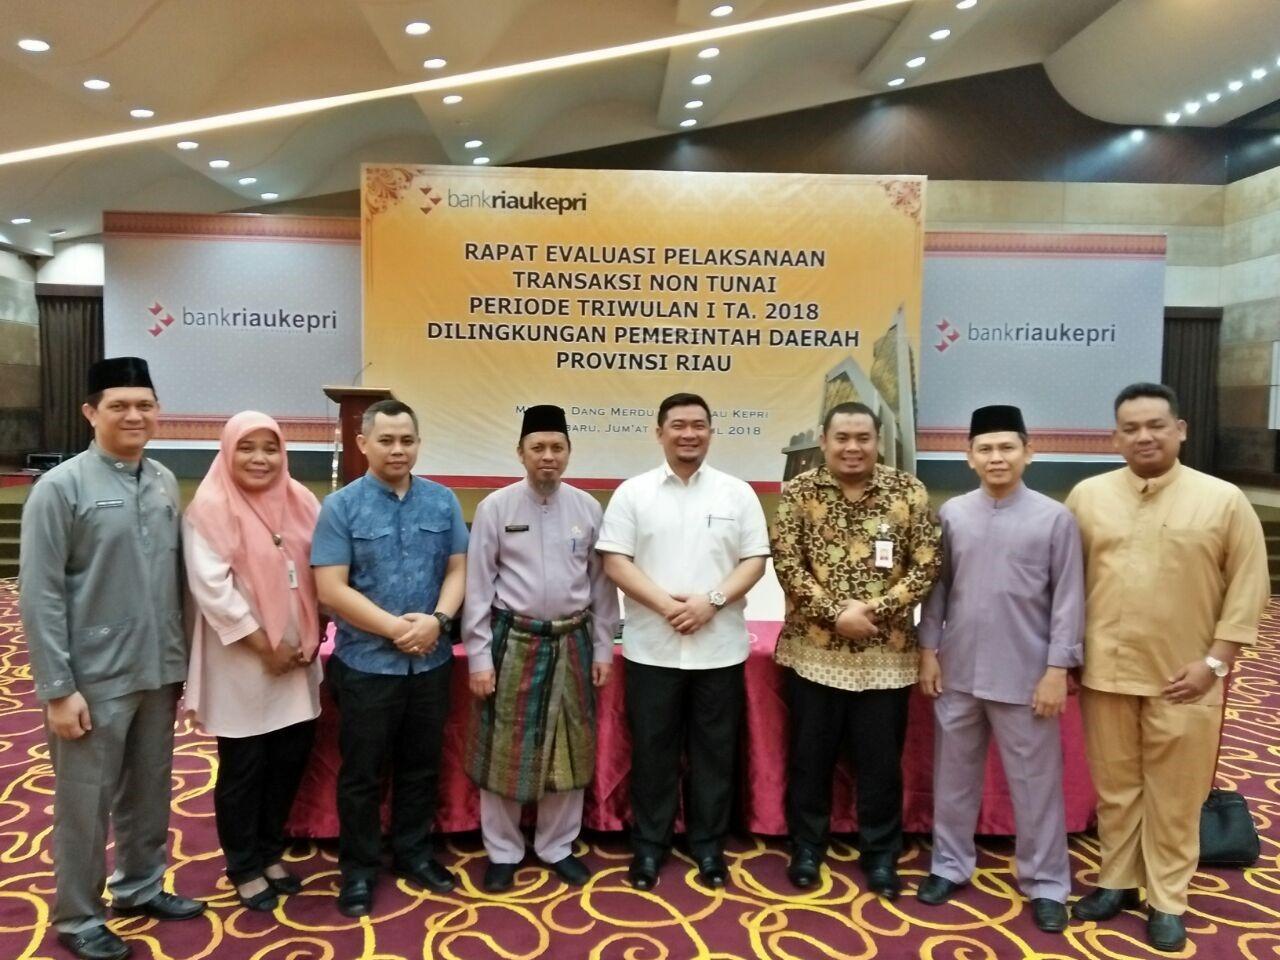 Rapat Evaluasi Pelaksanaan Transaksi Non Tunai Di Lingkungan Pemerintah Provinsi Riau Priode Triwulan I Tahun Anggaran 2018